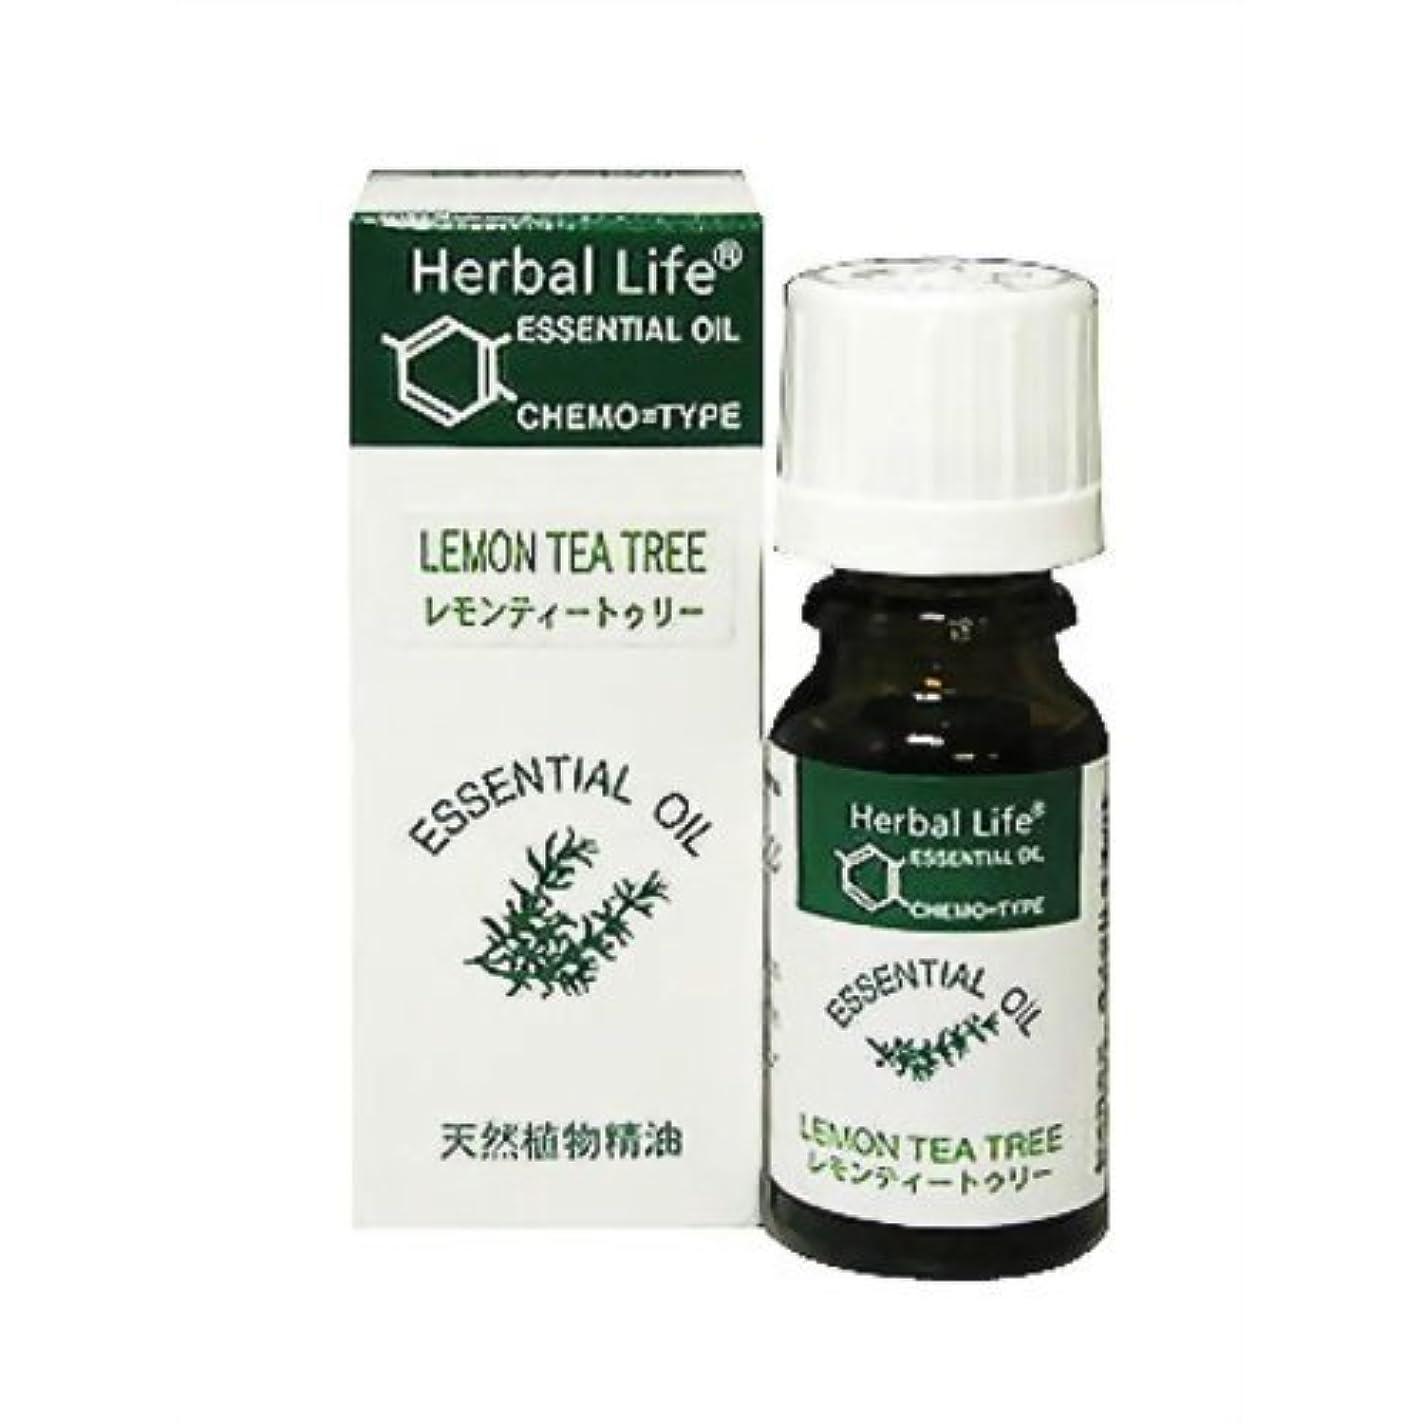 最小化する屈辱する石油Herbal Life レモンティートゥリー 10ml